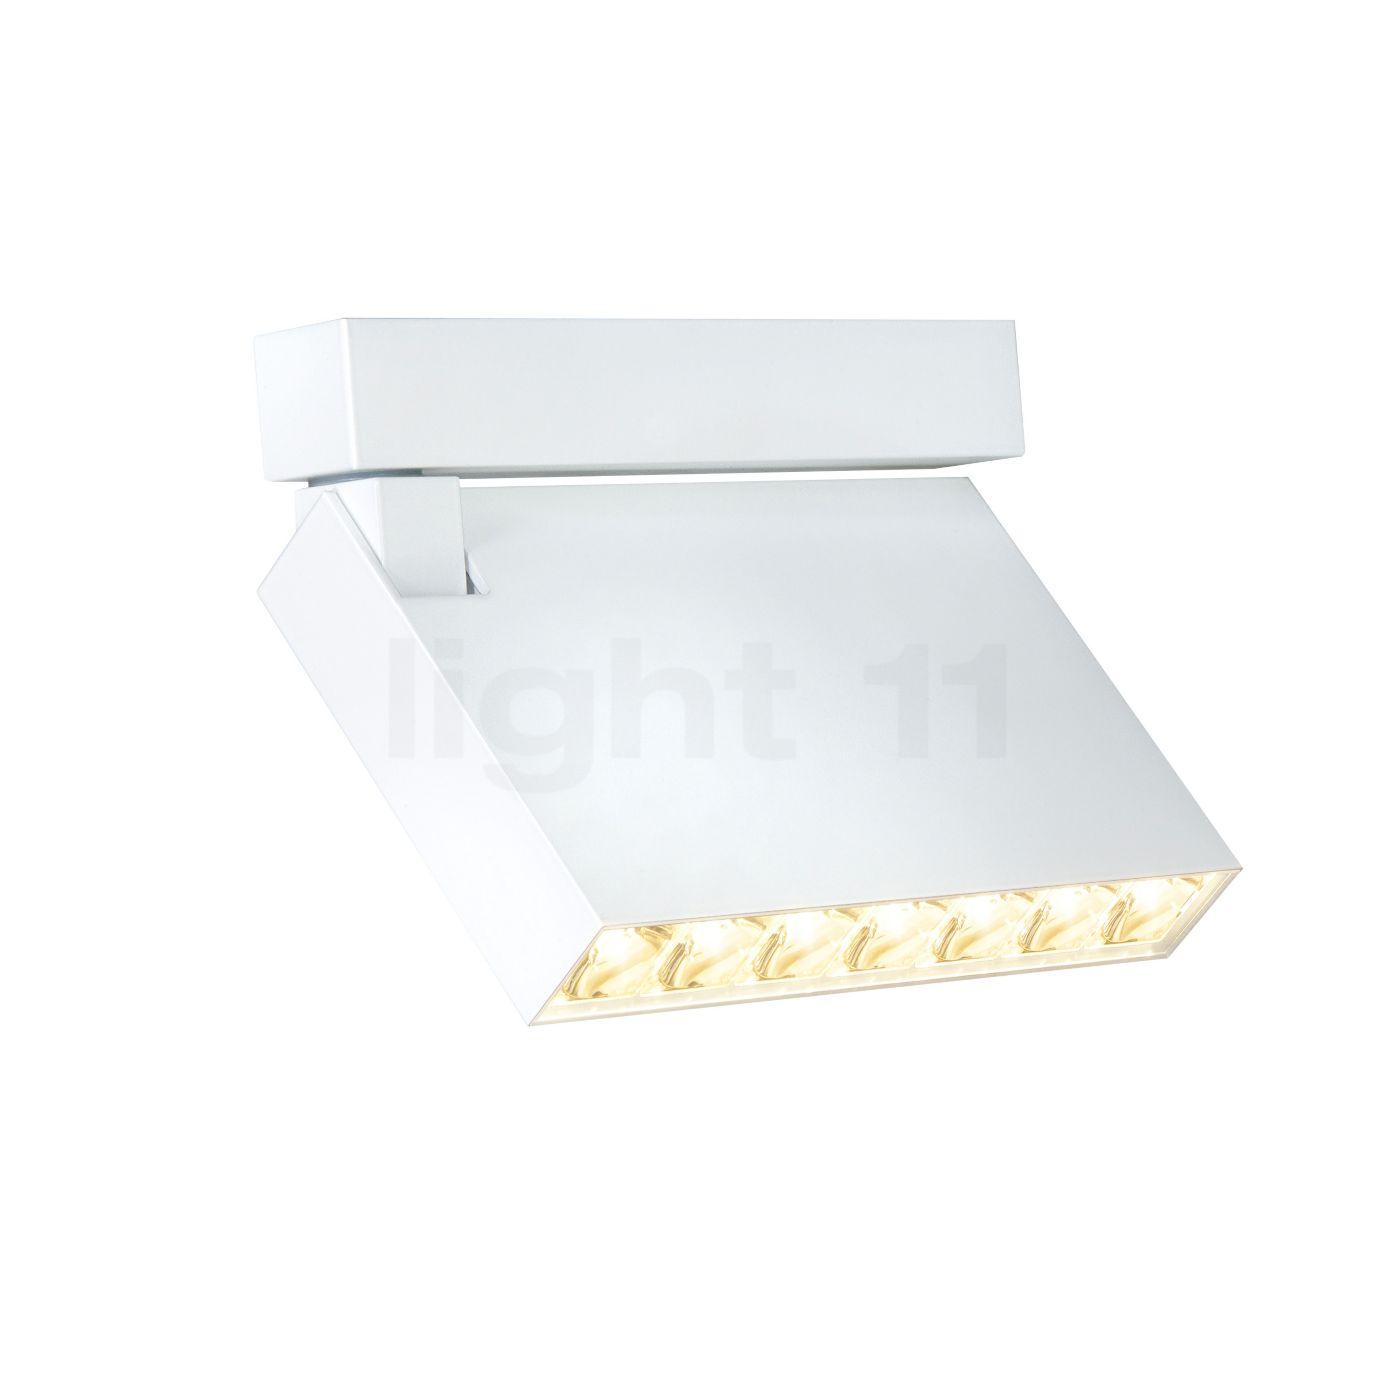 Mawa FBL-21 Aufbaustrahler LED, weiß matt fbl-21-7-9016